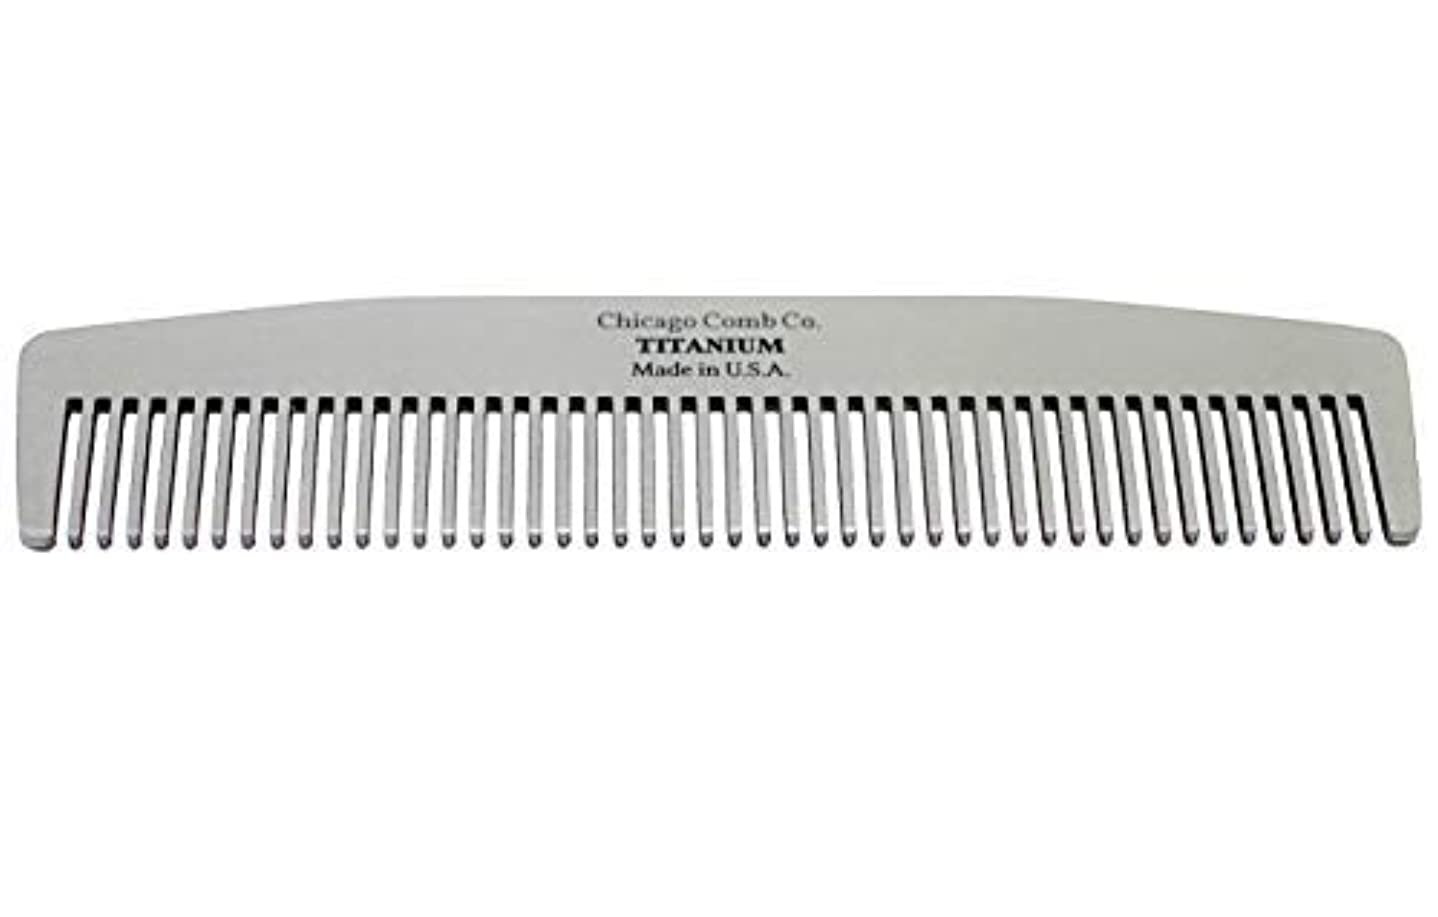 試験アルカイックアジアChicago Comb Model No. 3 Titanium, Made in USA, Ultra-Smooth, Strong, Light, Anti-Static, 5.5 in. (14 cm) Long...